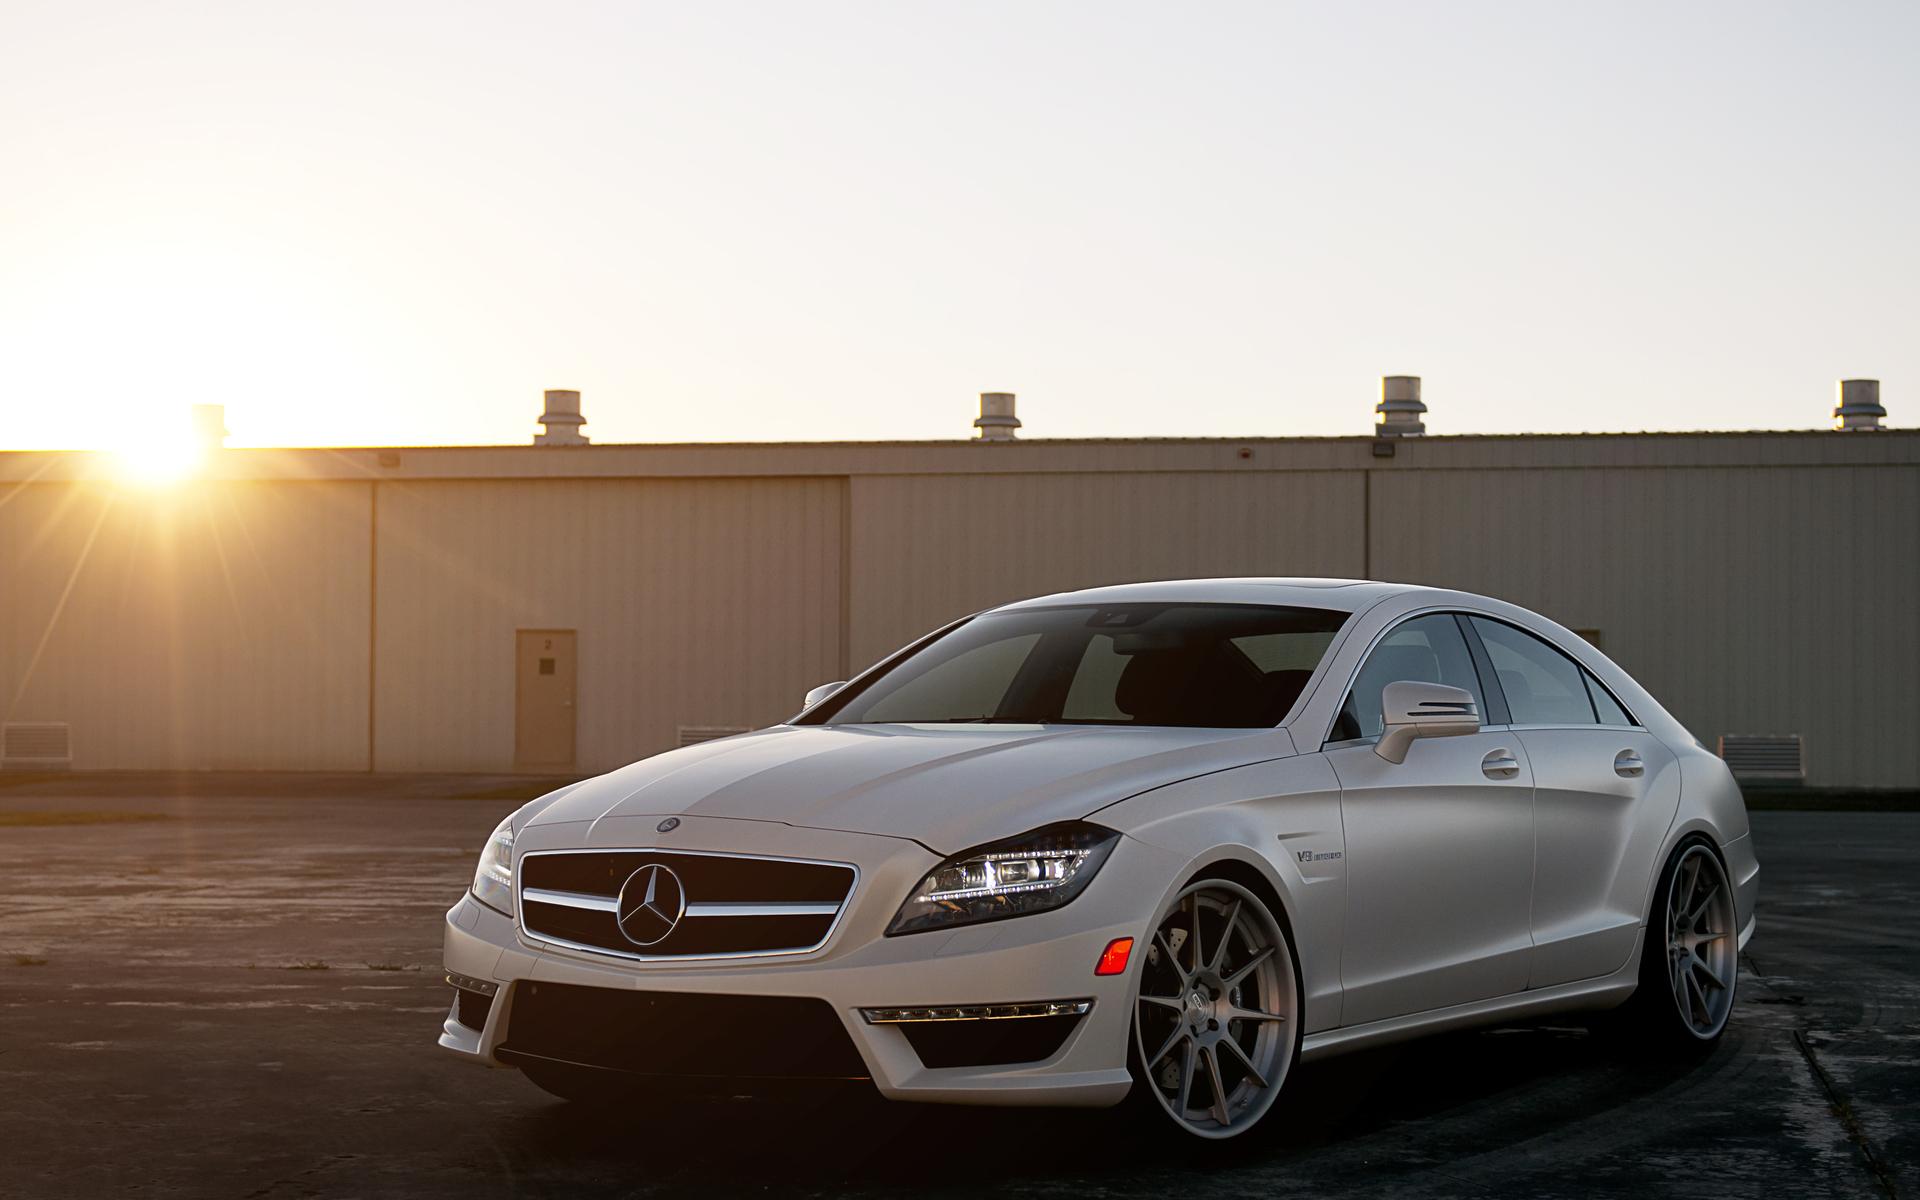 41705 скачать обои Транспорт, Машины, Мерседес (Mercedes) - заставки и картинки бесплатно